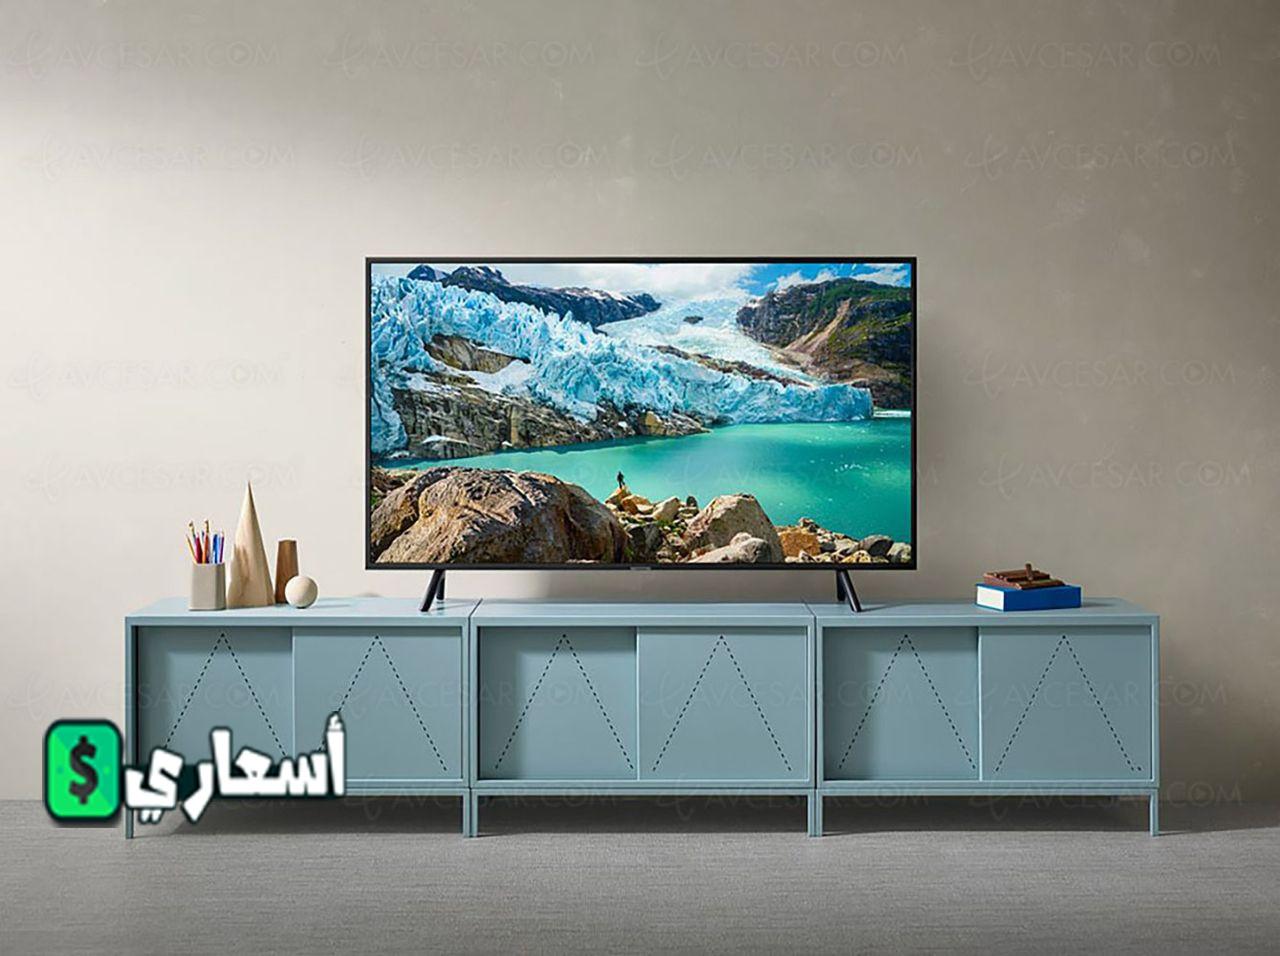 اسعار شاشات سامسونج 50 بوصة 4K في مصر